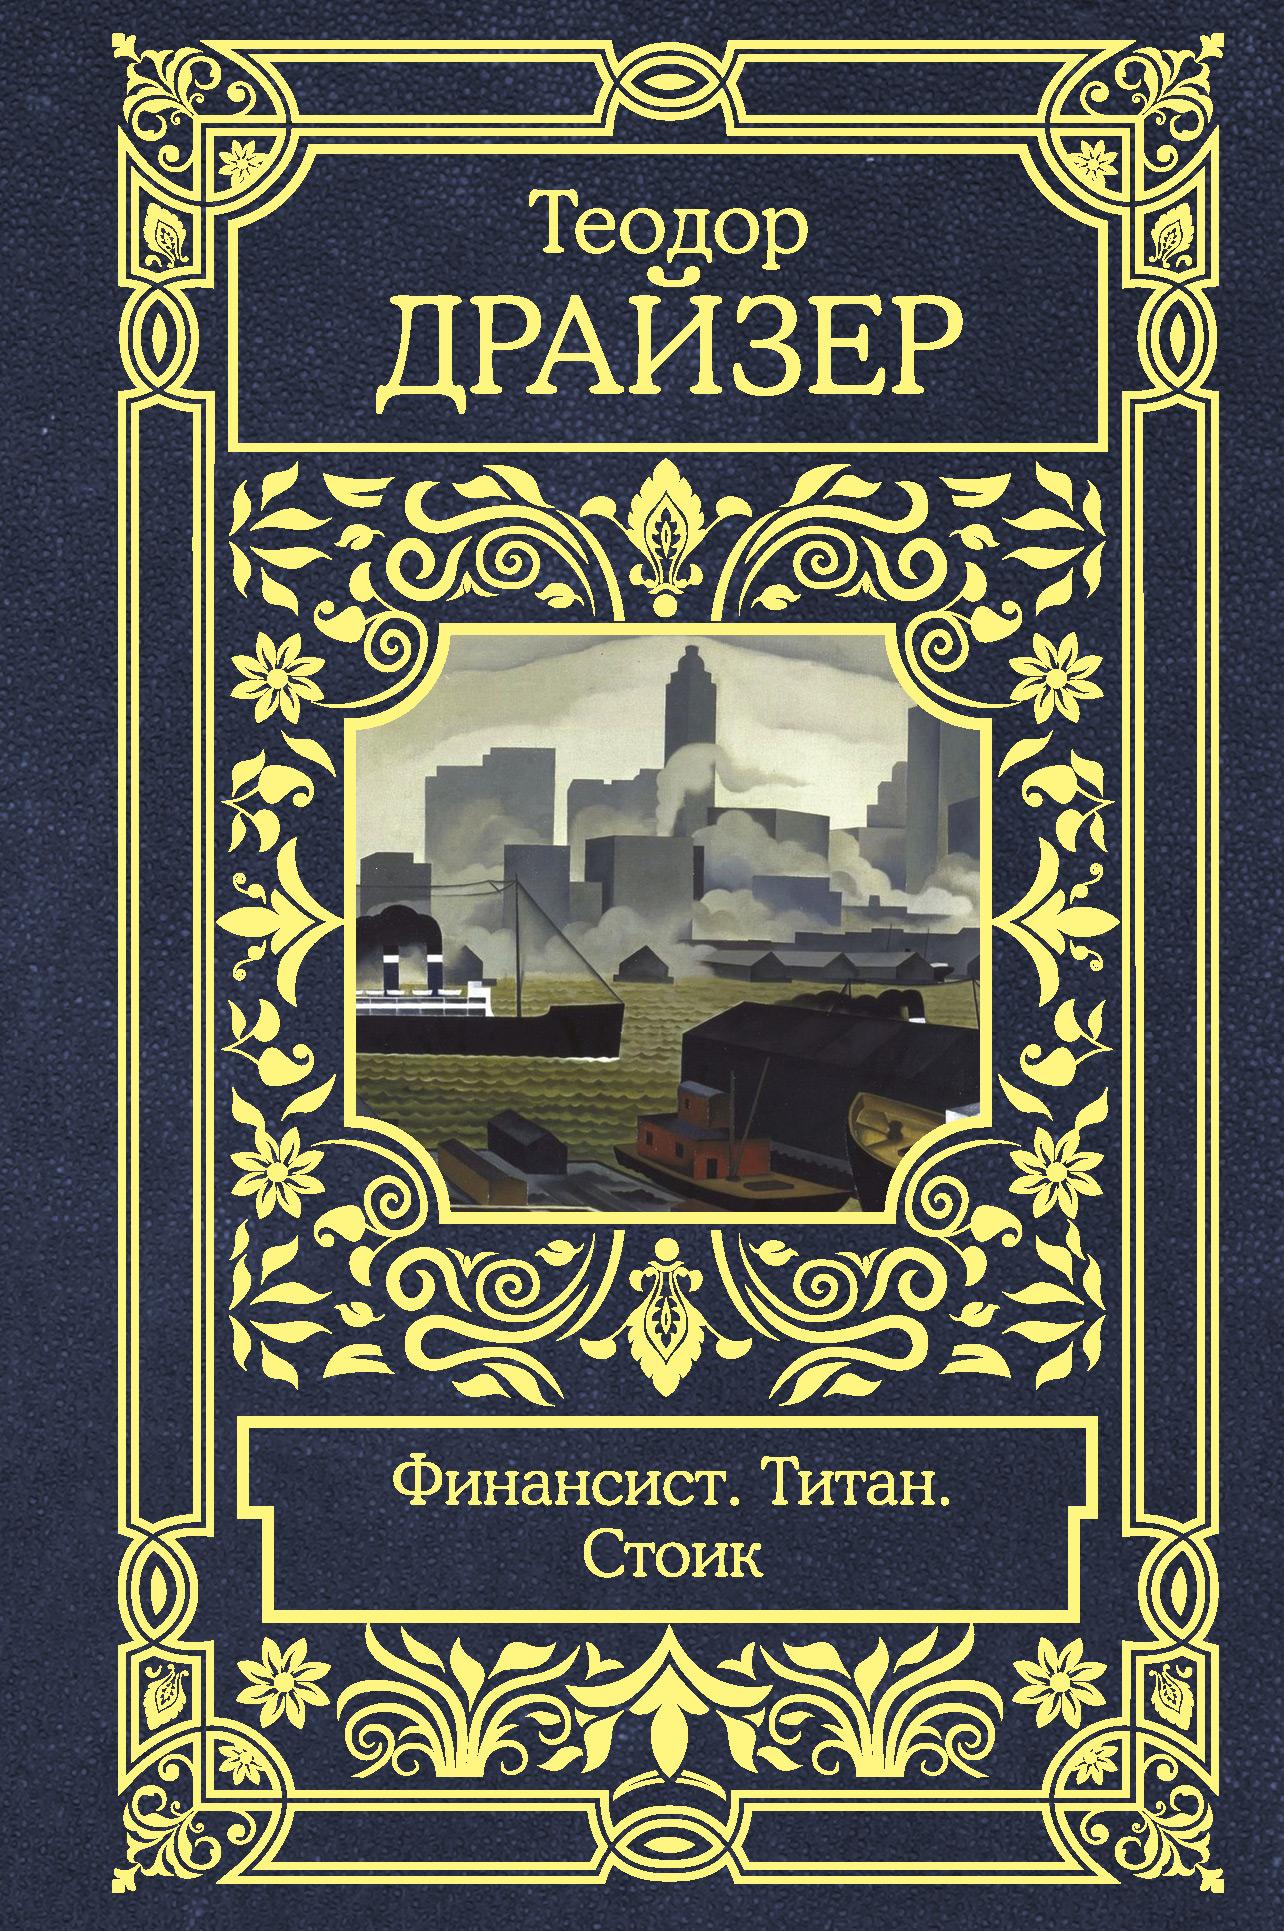 Теодор Драйзер, Марк Волосов «Финансист. Титан. Стоик»